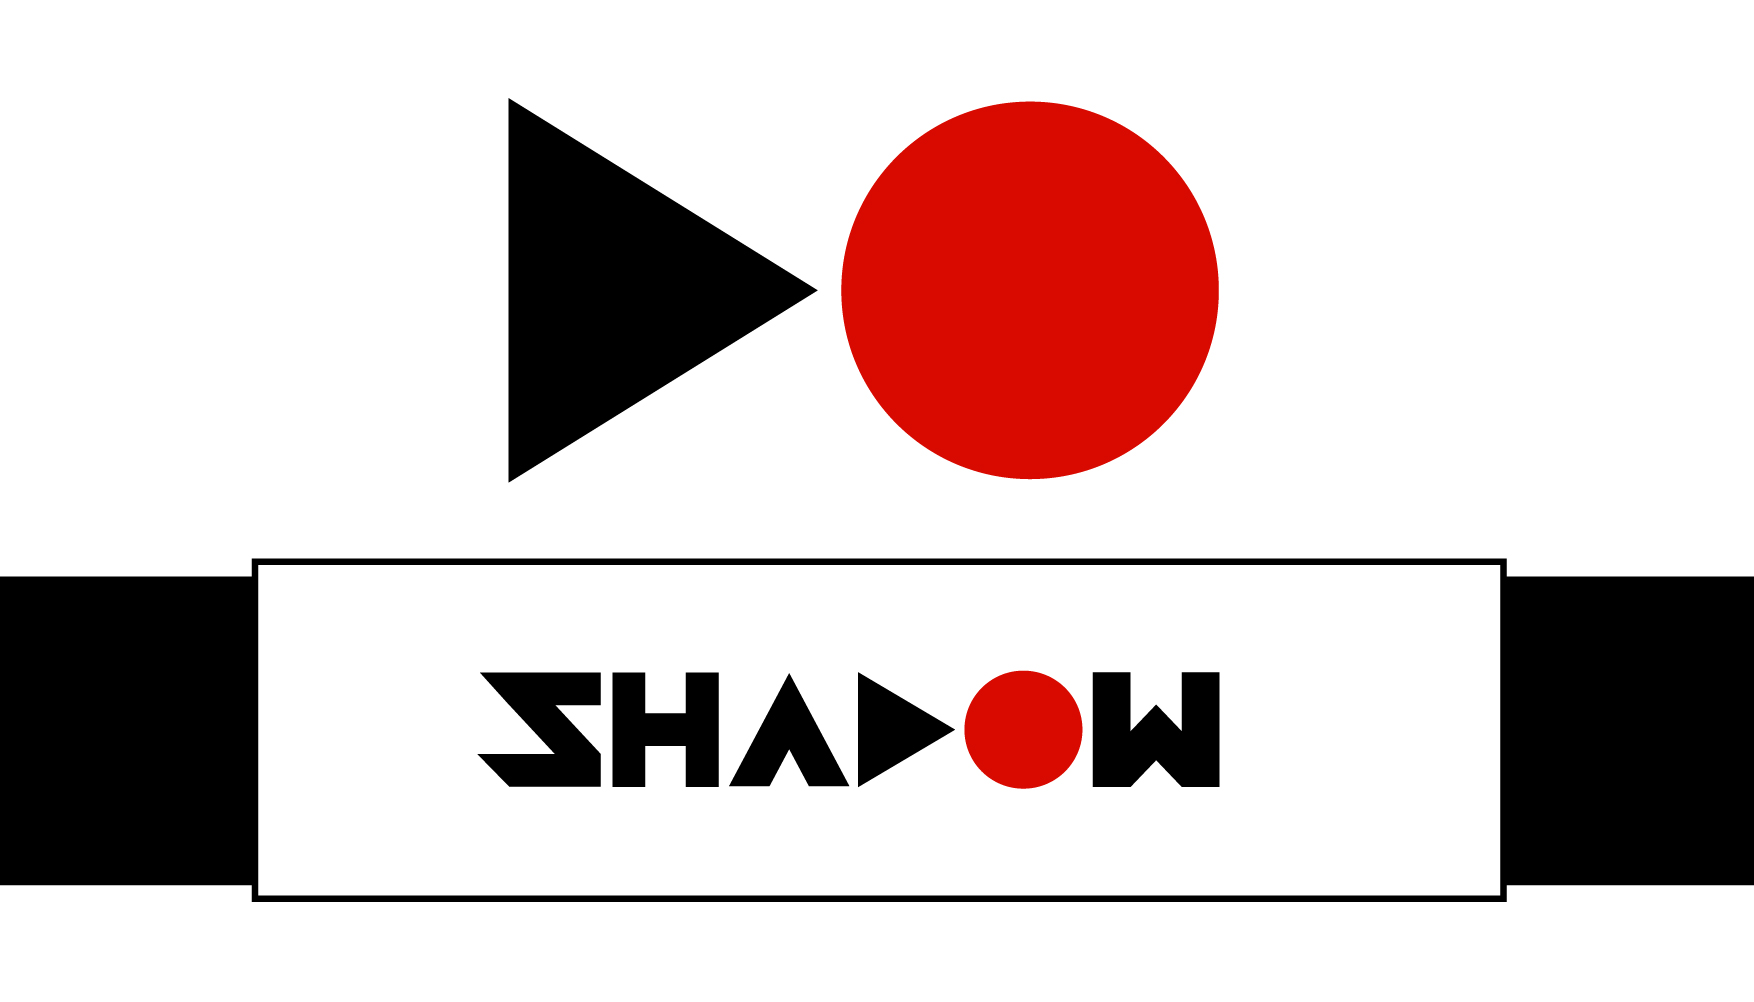 Shadow logoo-01.jpg